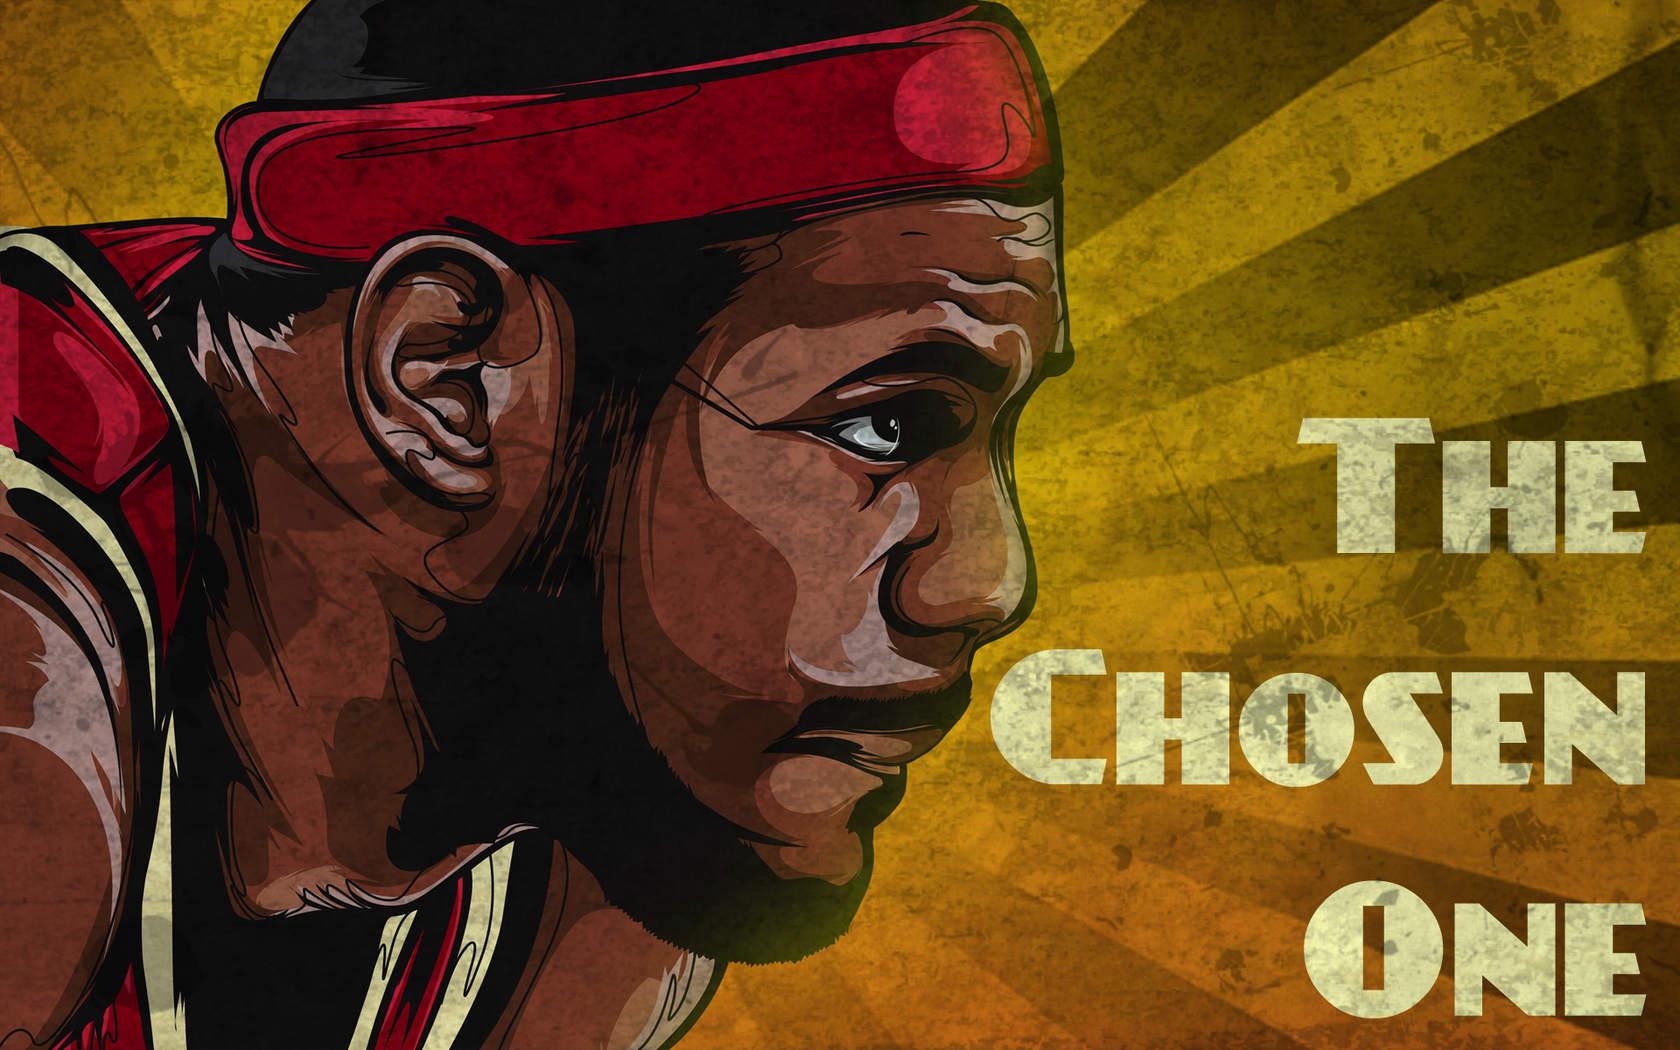 篮球运动员勒布朗·詹姆斯经典桌面壁纸_勒布